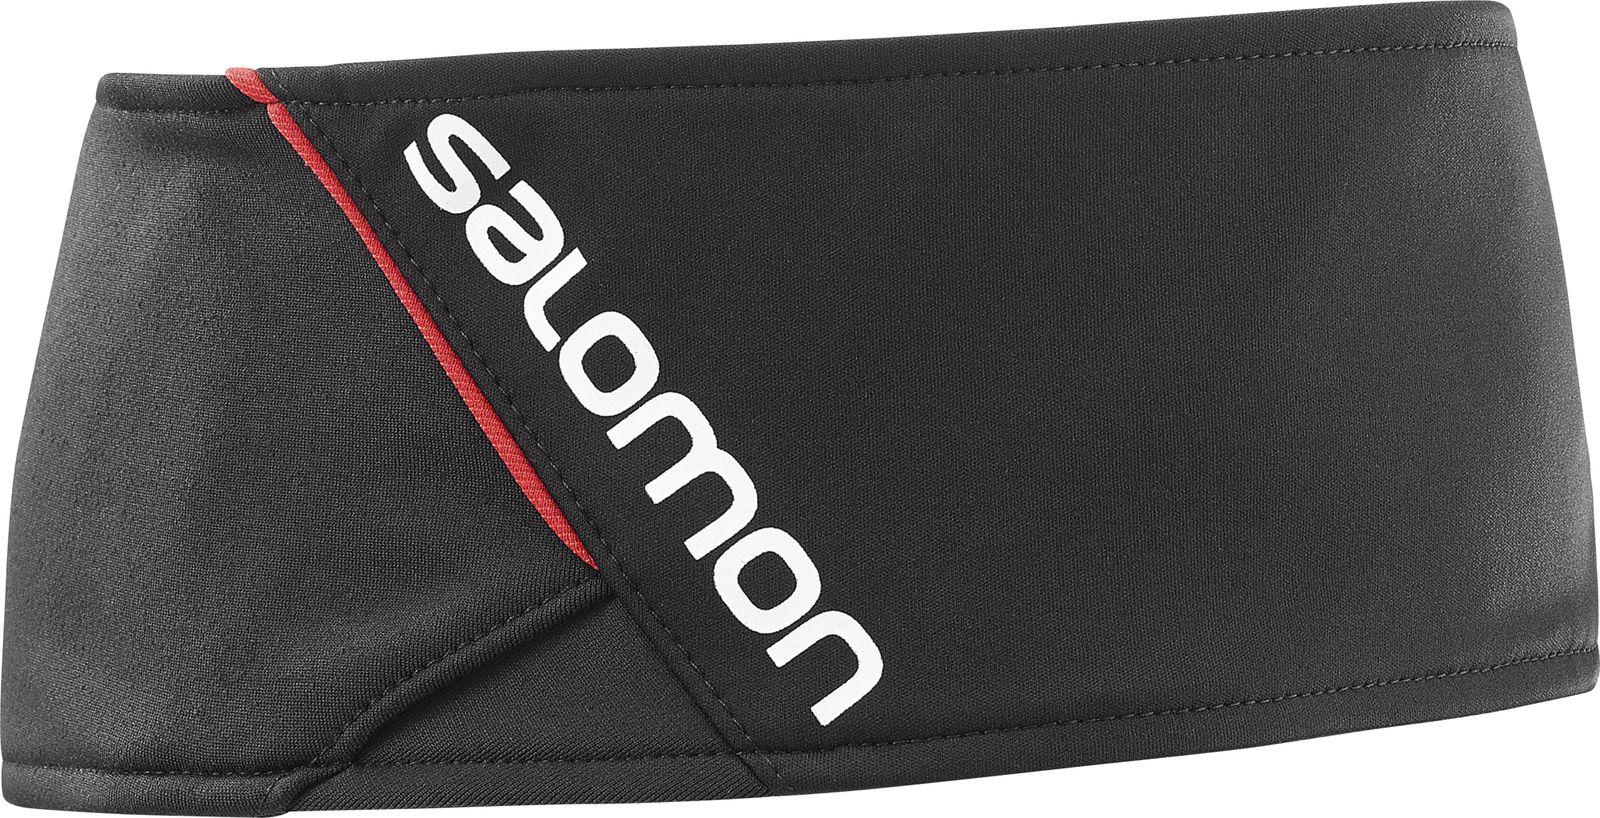 Повязка на голову Salomon Rs Headband, цвет: черный. L39493700. Размер универсальныйL39493700Повязка RS HEADBAND не только теплая, но и функциональная. Специальный слегка ворсованный материал мягок на ощупь и сохраняет тепло, а вставка спереди защищает от холодного ветра. Благодаря регулируемой посадке повязка сохраняет положение, пока вы тренируетесь или бежите.